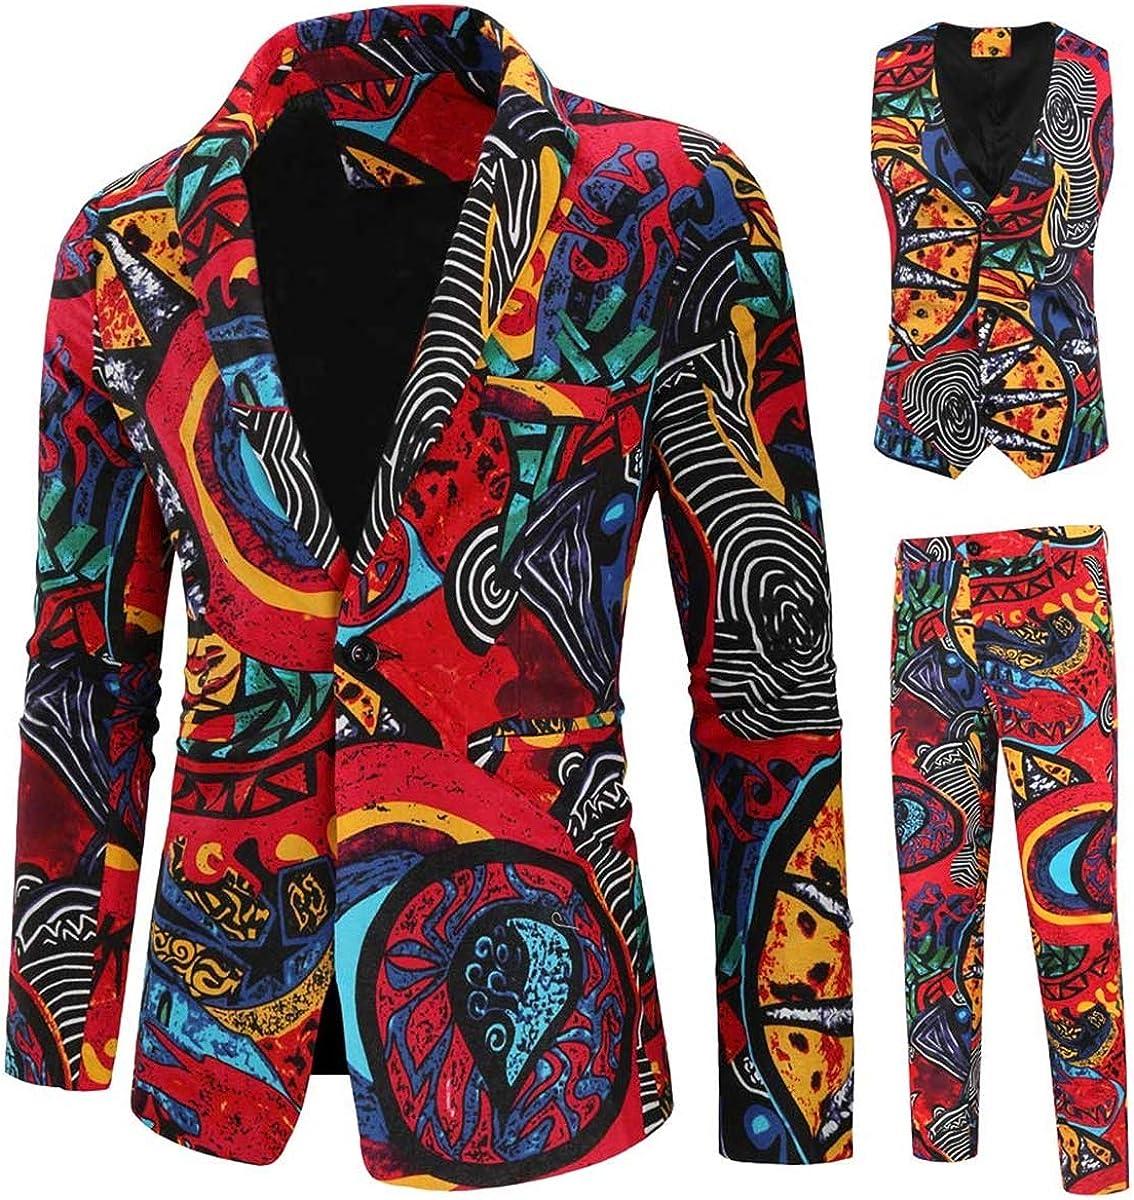 Mens Paisley Suits 3 Piece Print Party Suit Set Slim Fit Tux Dress Jacket Outfit